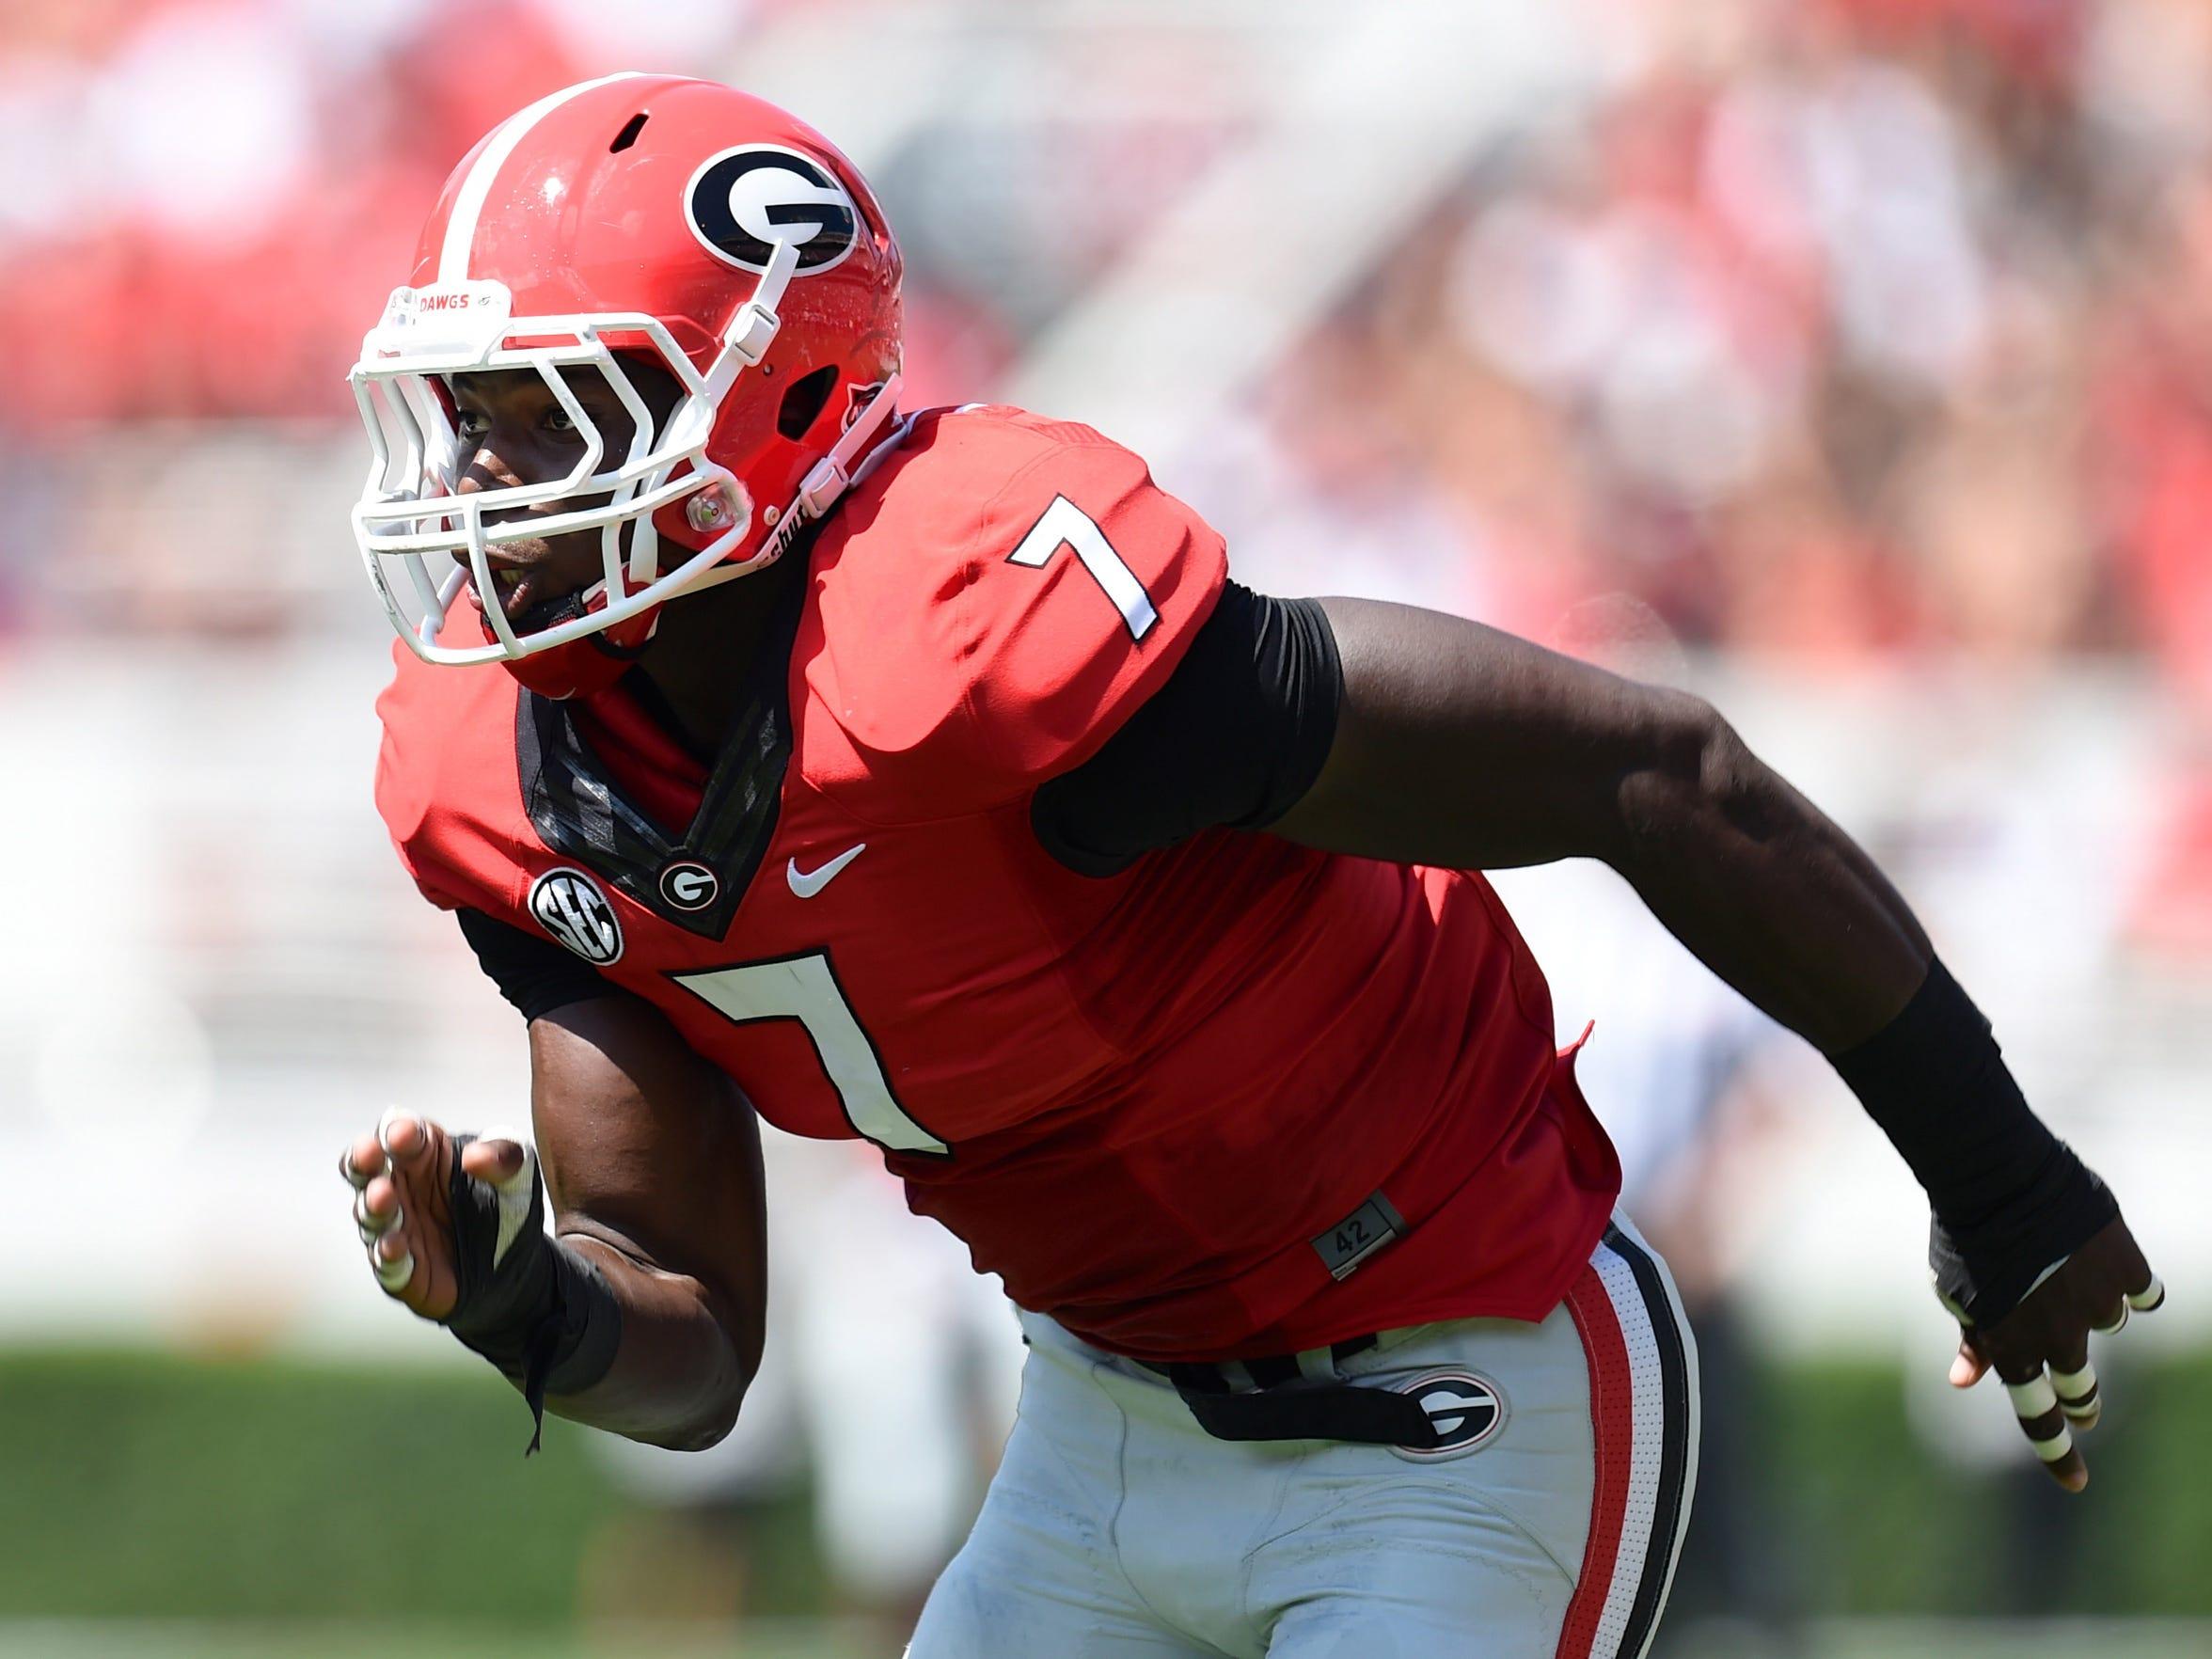 Georgia outside linebacker Lorenzo Carter